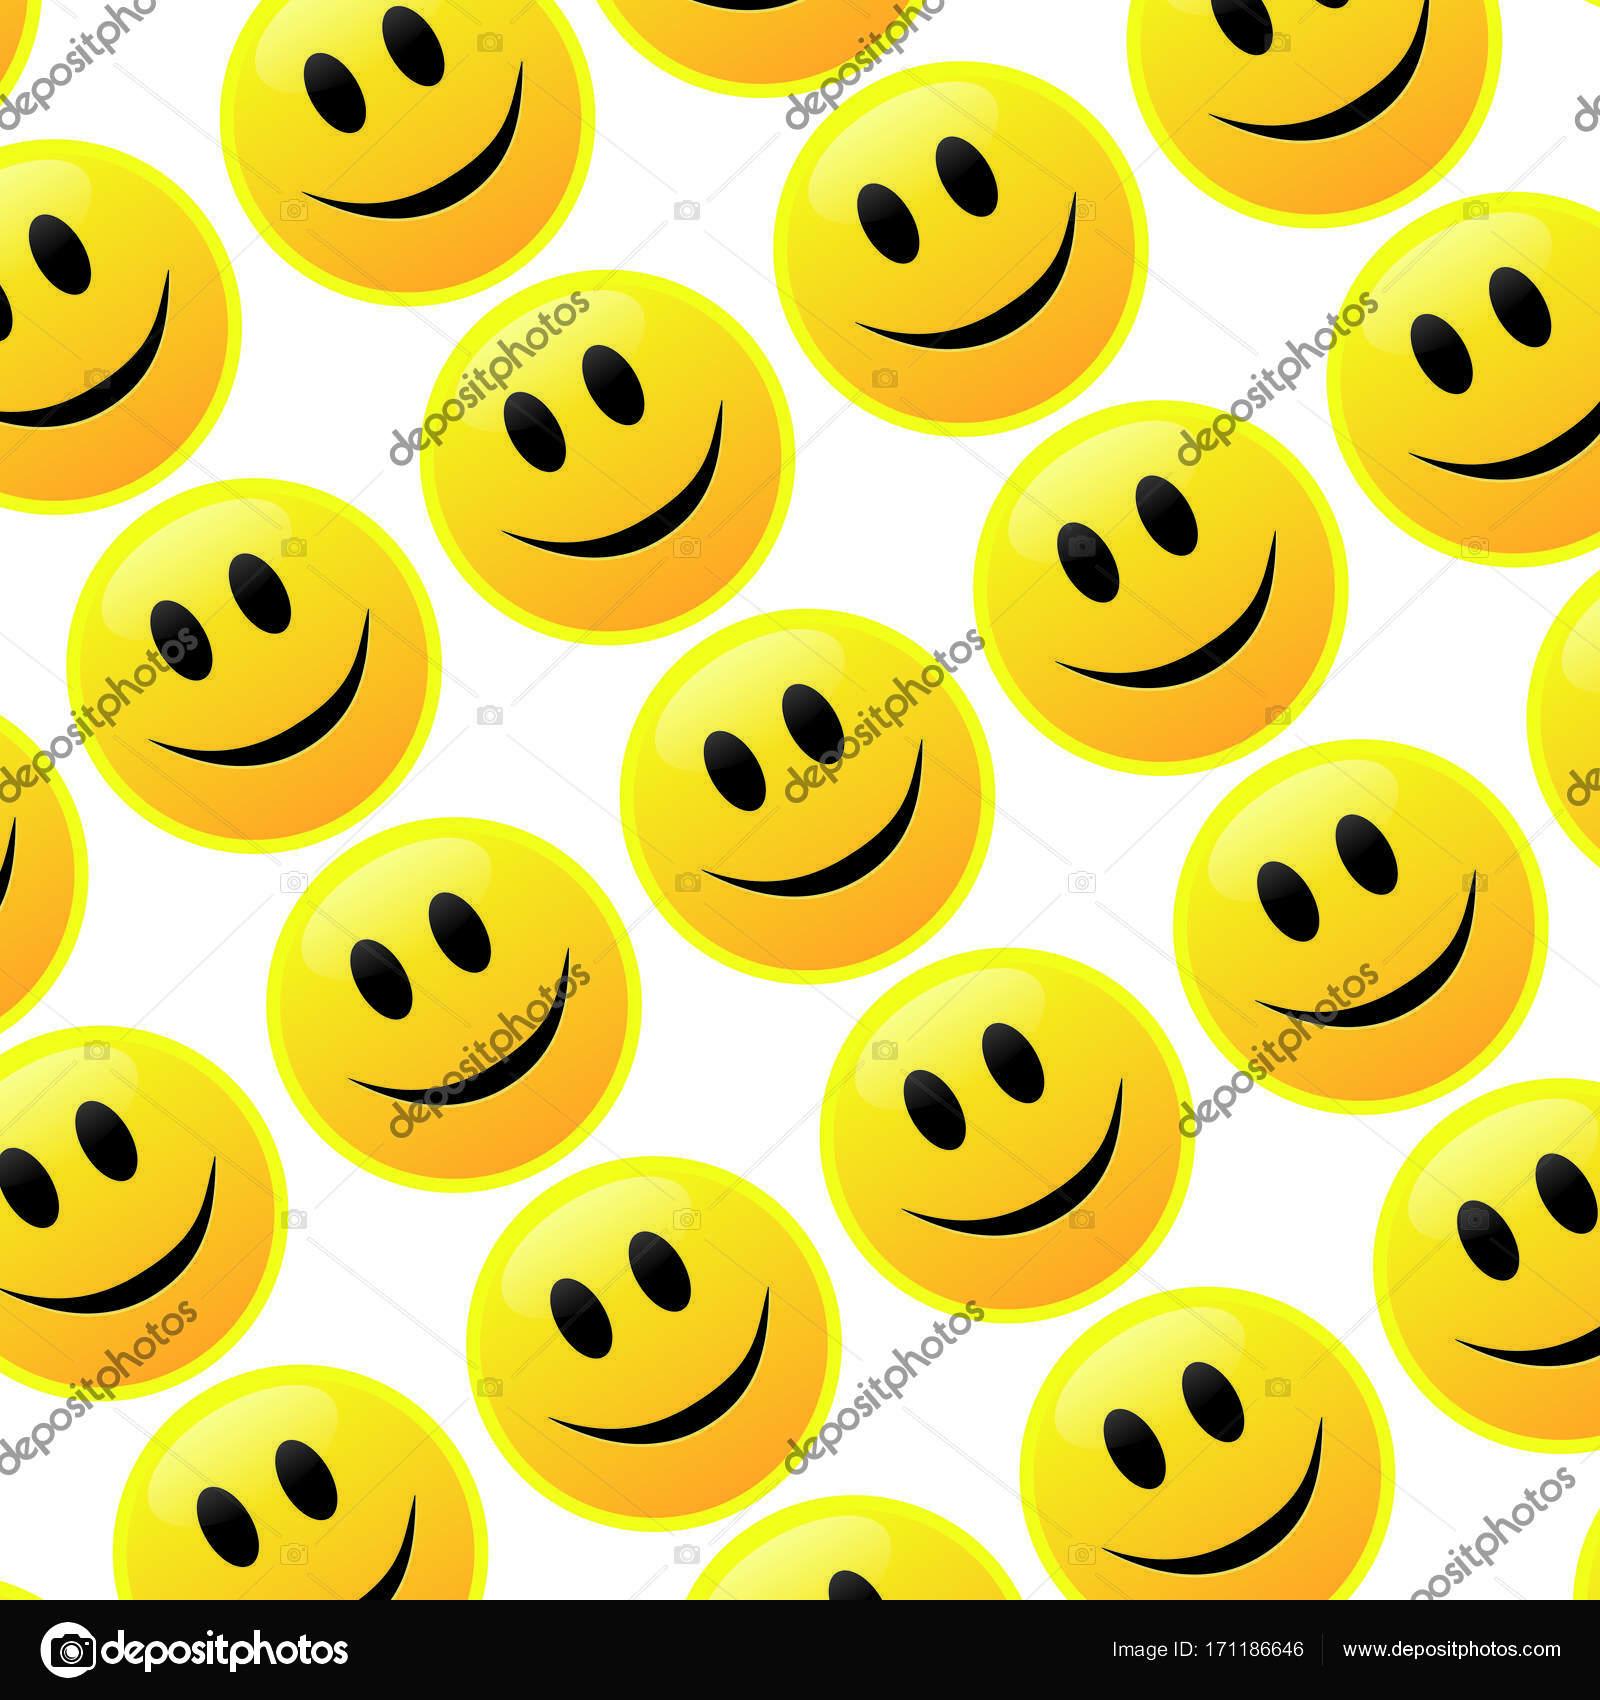 Moderne Stoffe menge des lächelns emoticons lächeln symbol muster moderne muster